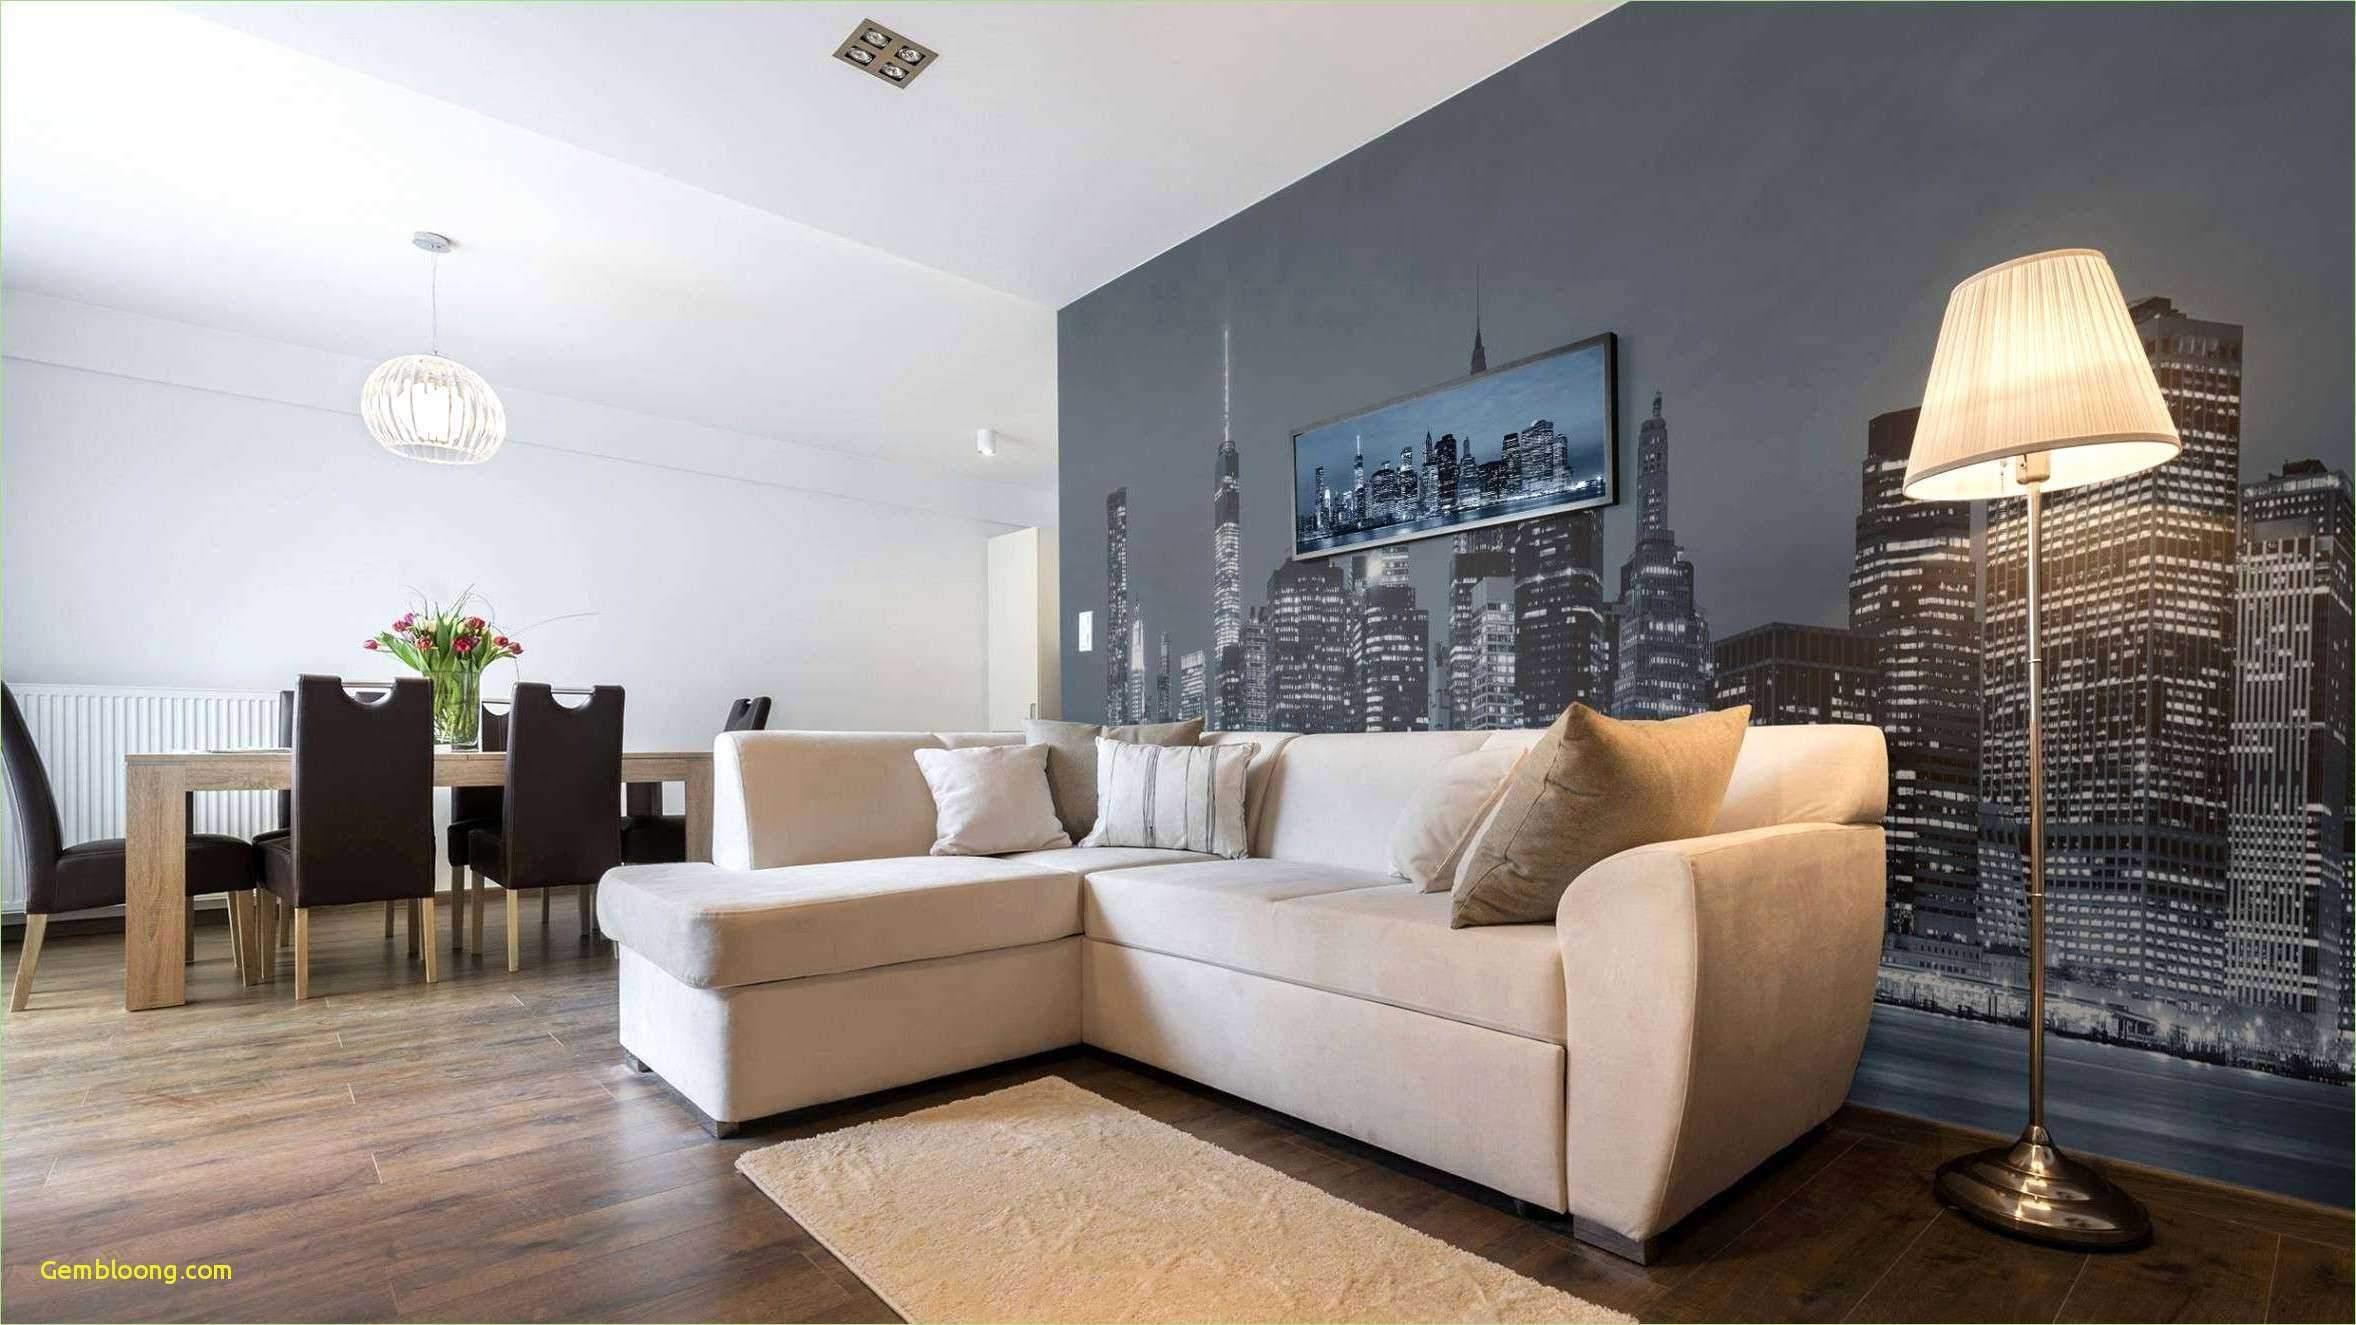 wohnzimmer kaufen inspirierend 40 oben von von regal an der wand konzept of wohnzimmer kaufen